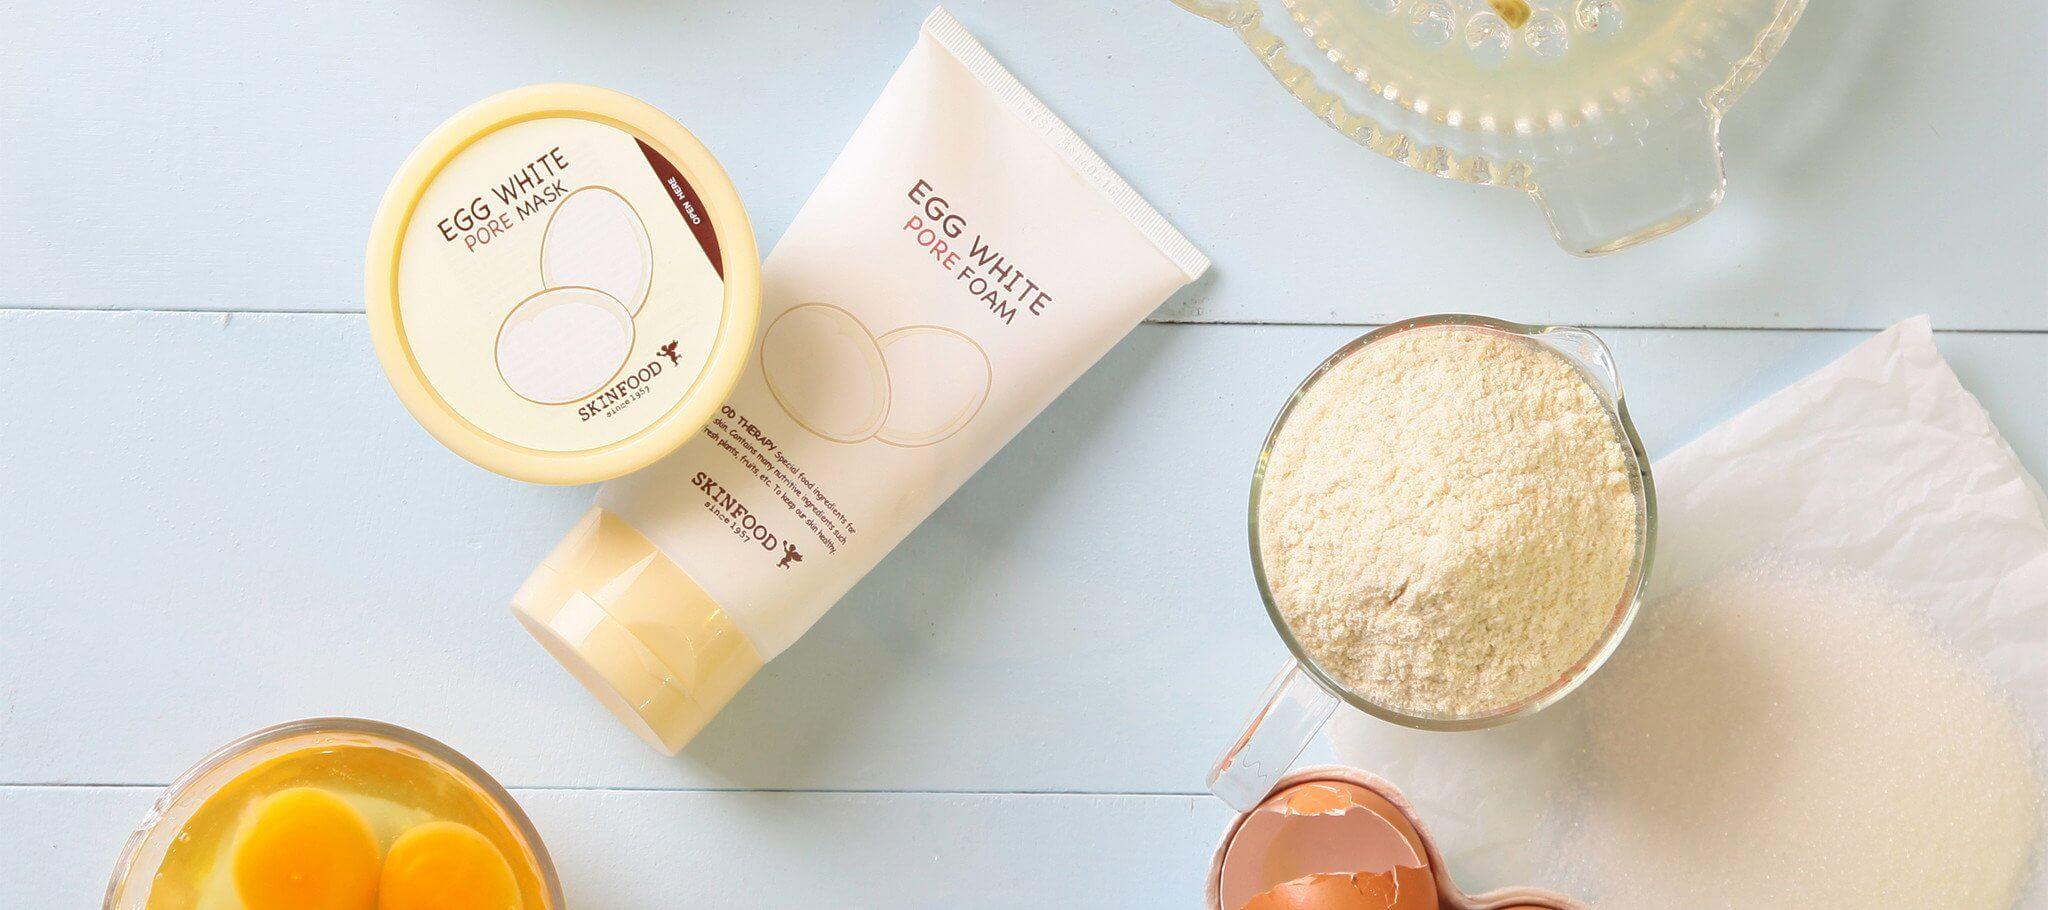 produits visage Skinfood